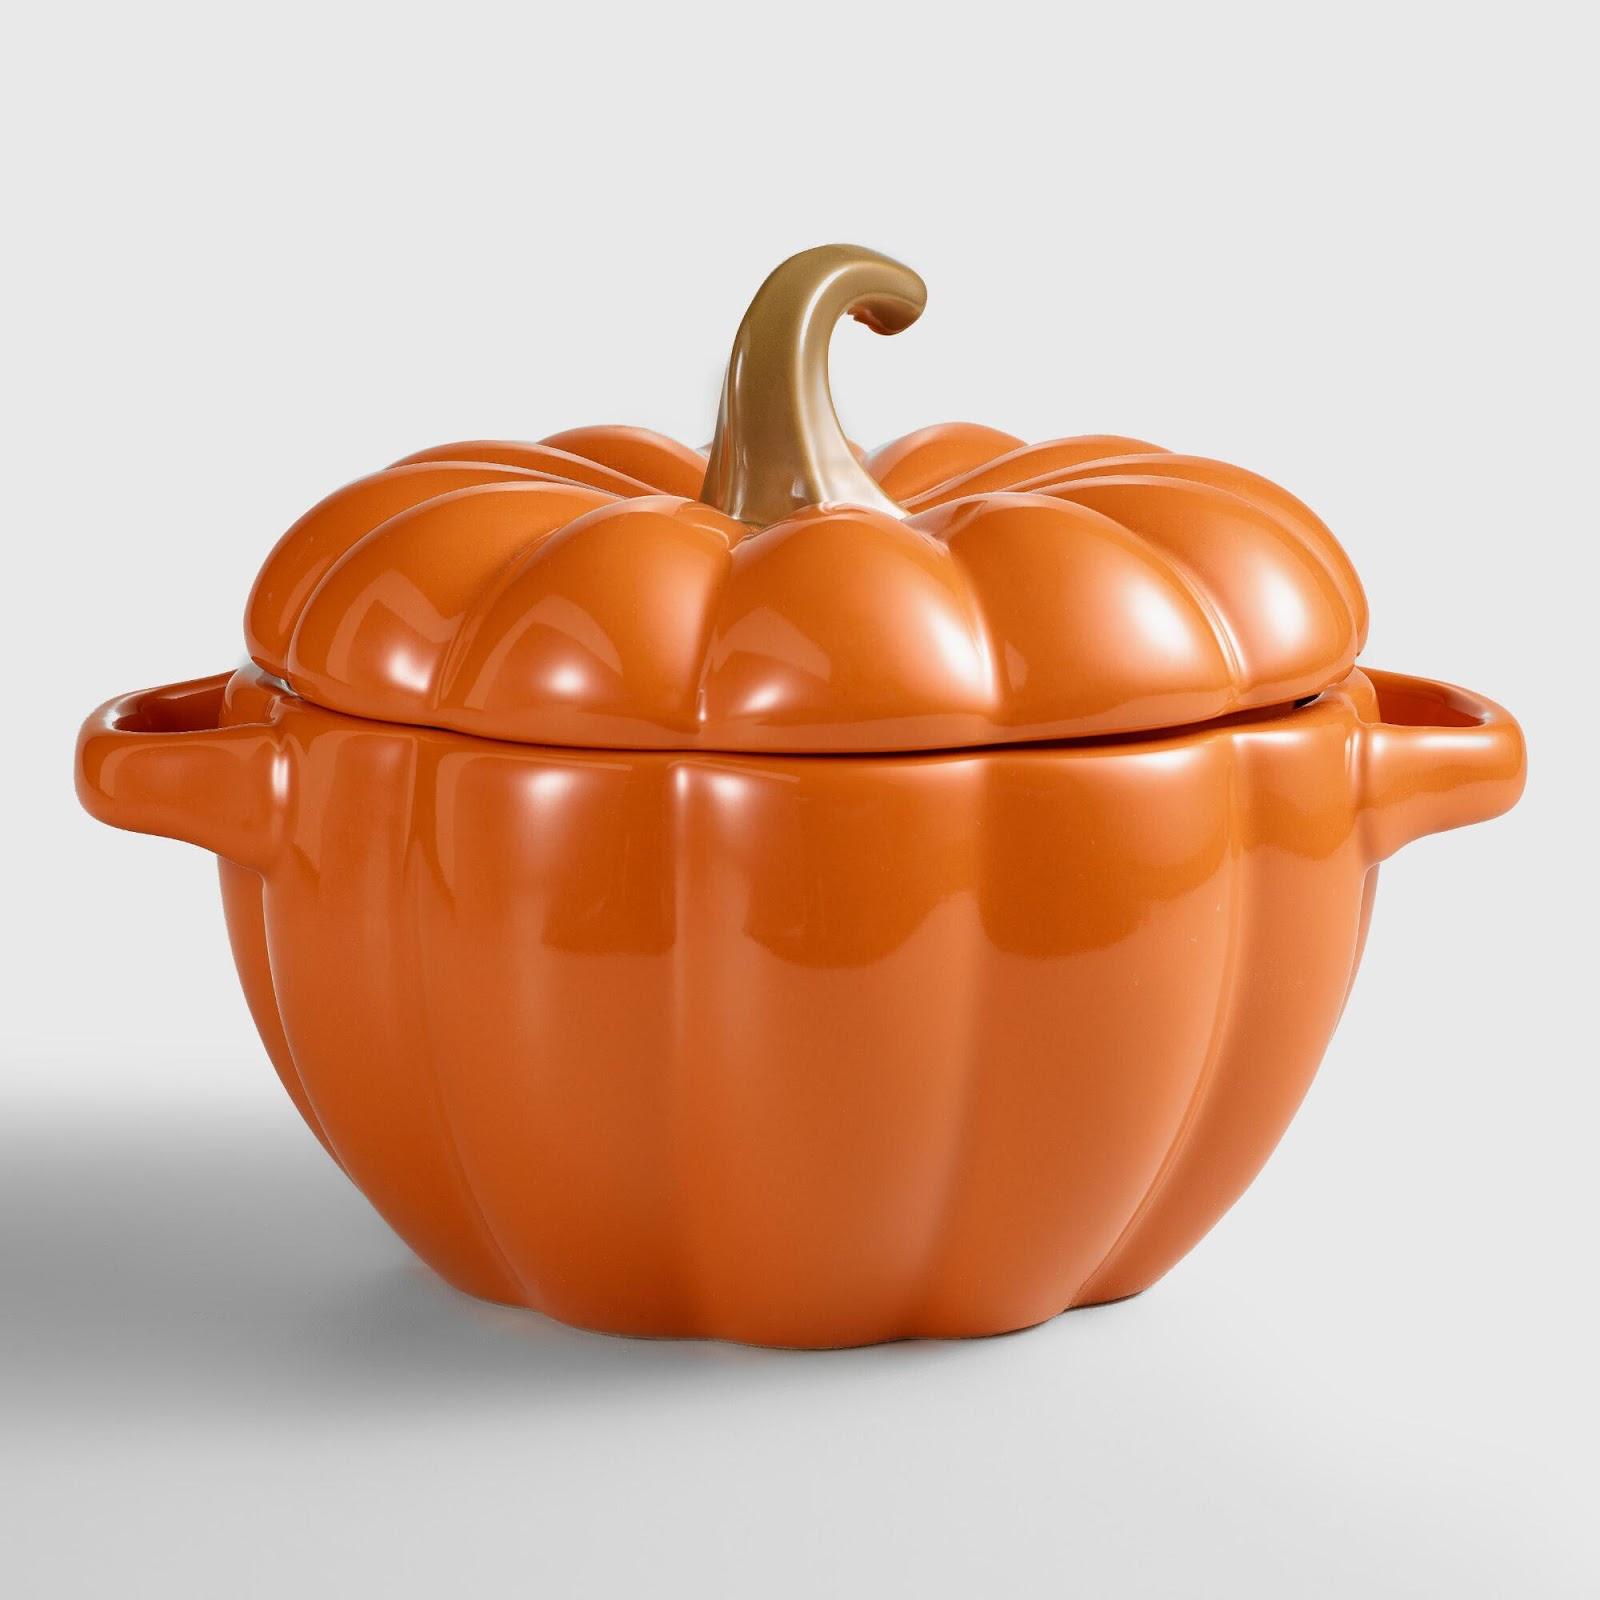 Halloween or Thanksgiving Pumpkin Casserole